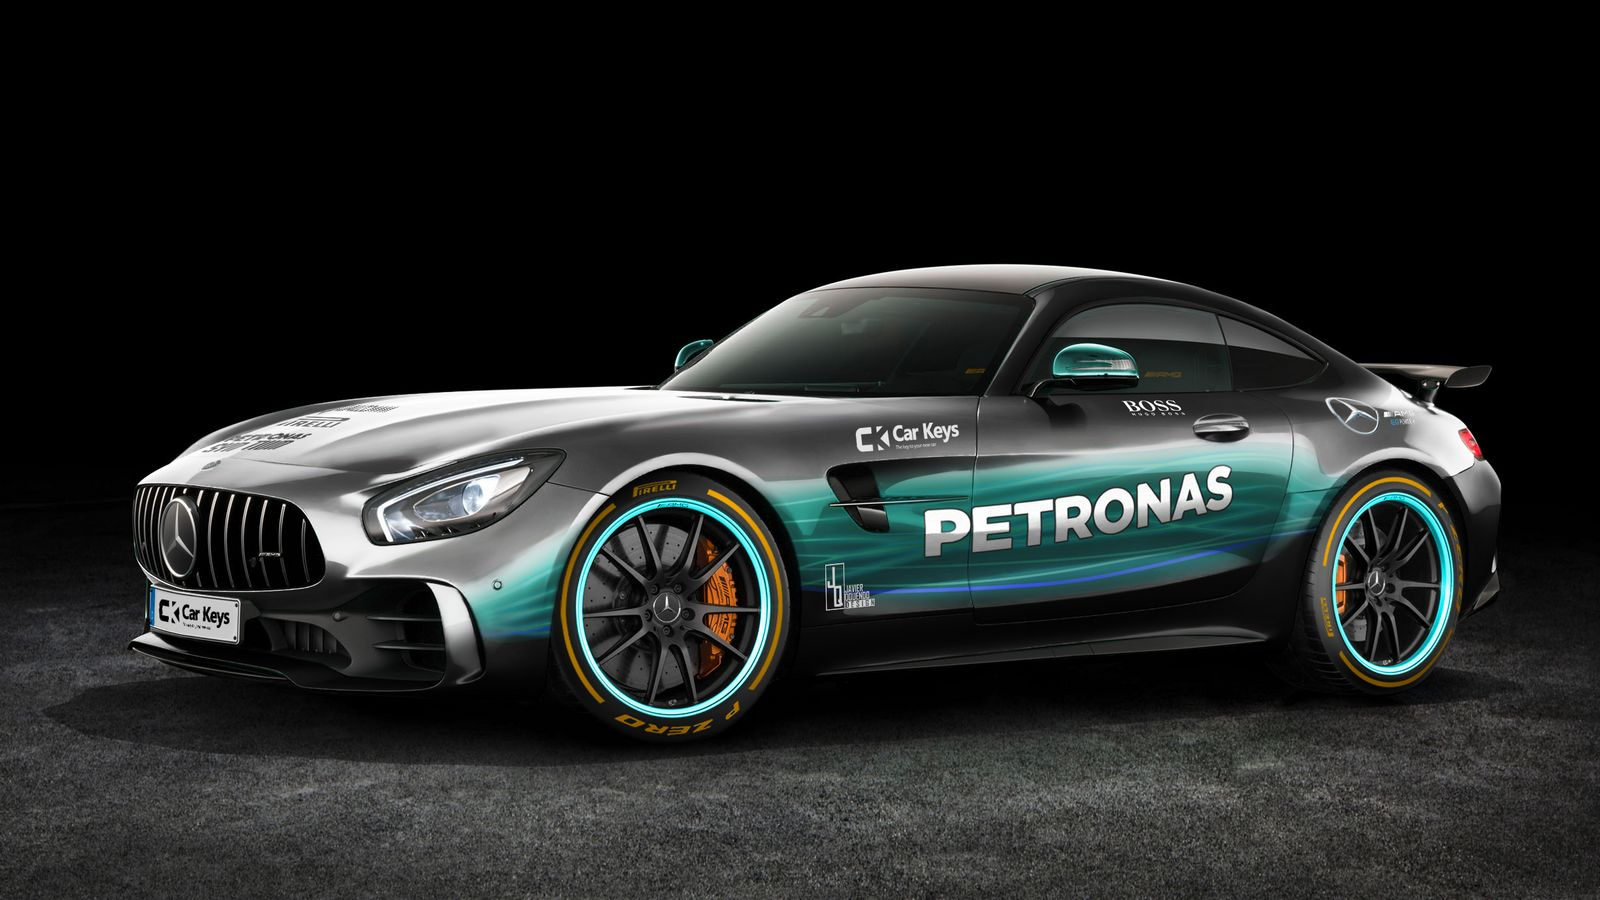 Amg mercedes benz f1 2017 mercedes amg gt r motor el pa s for Mercedes benz cars com